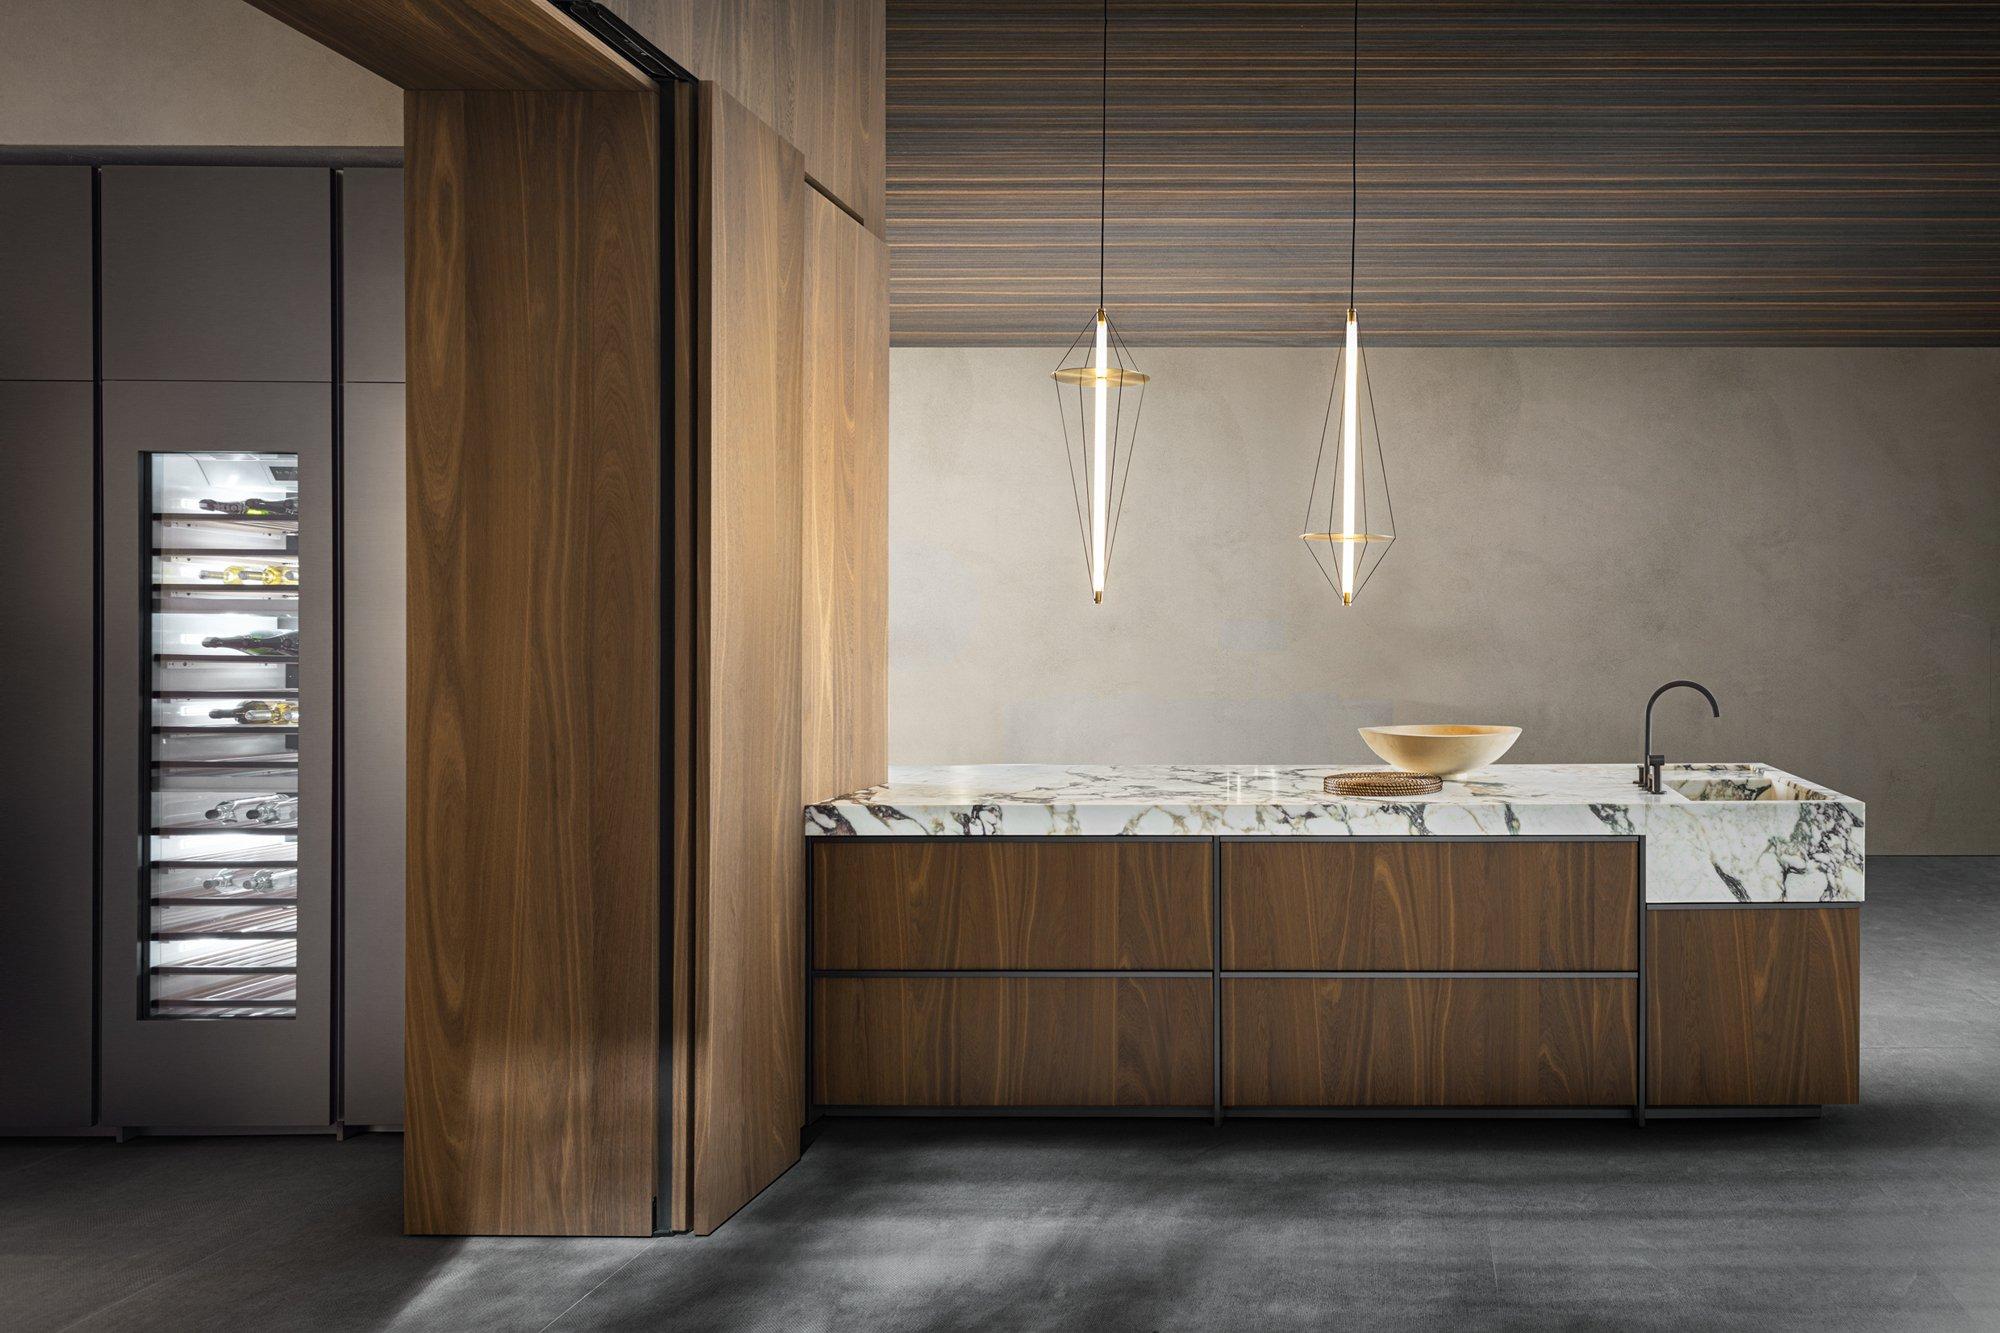 Trend #1: Die Küche als WohnraumVincent van Duysen, Ratio, Dada. Foto/Copyright: Dada